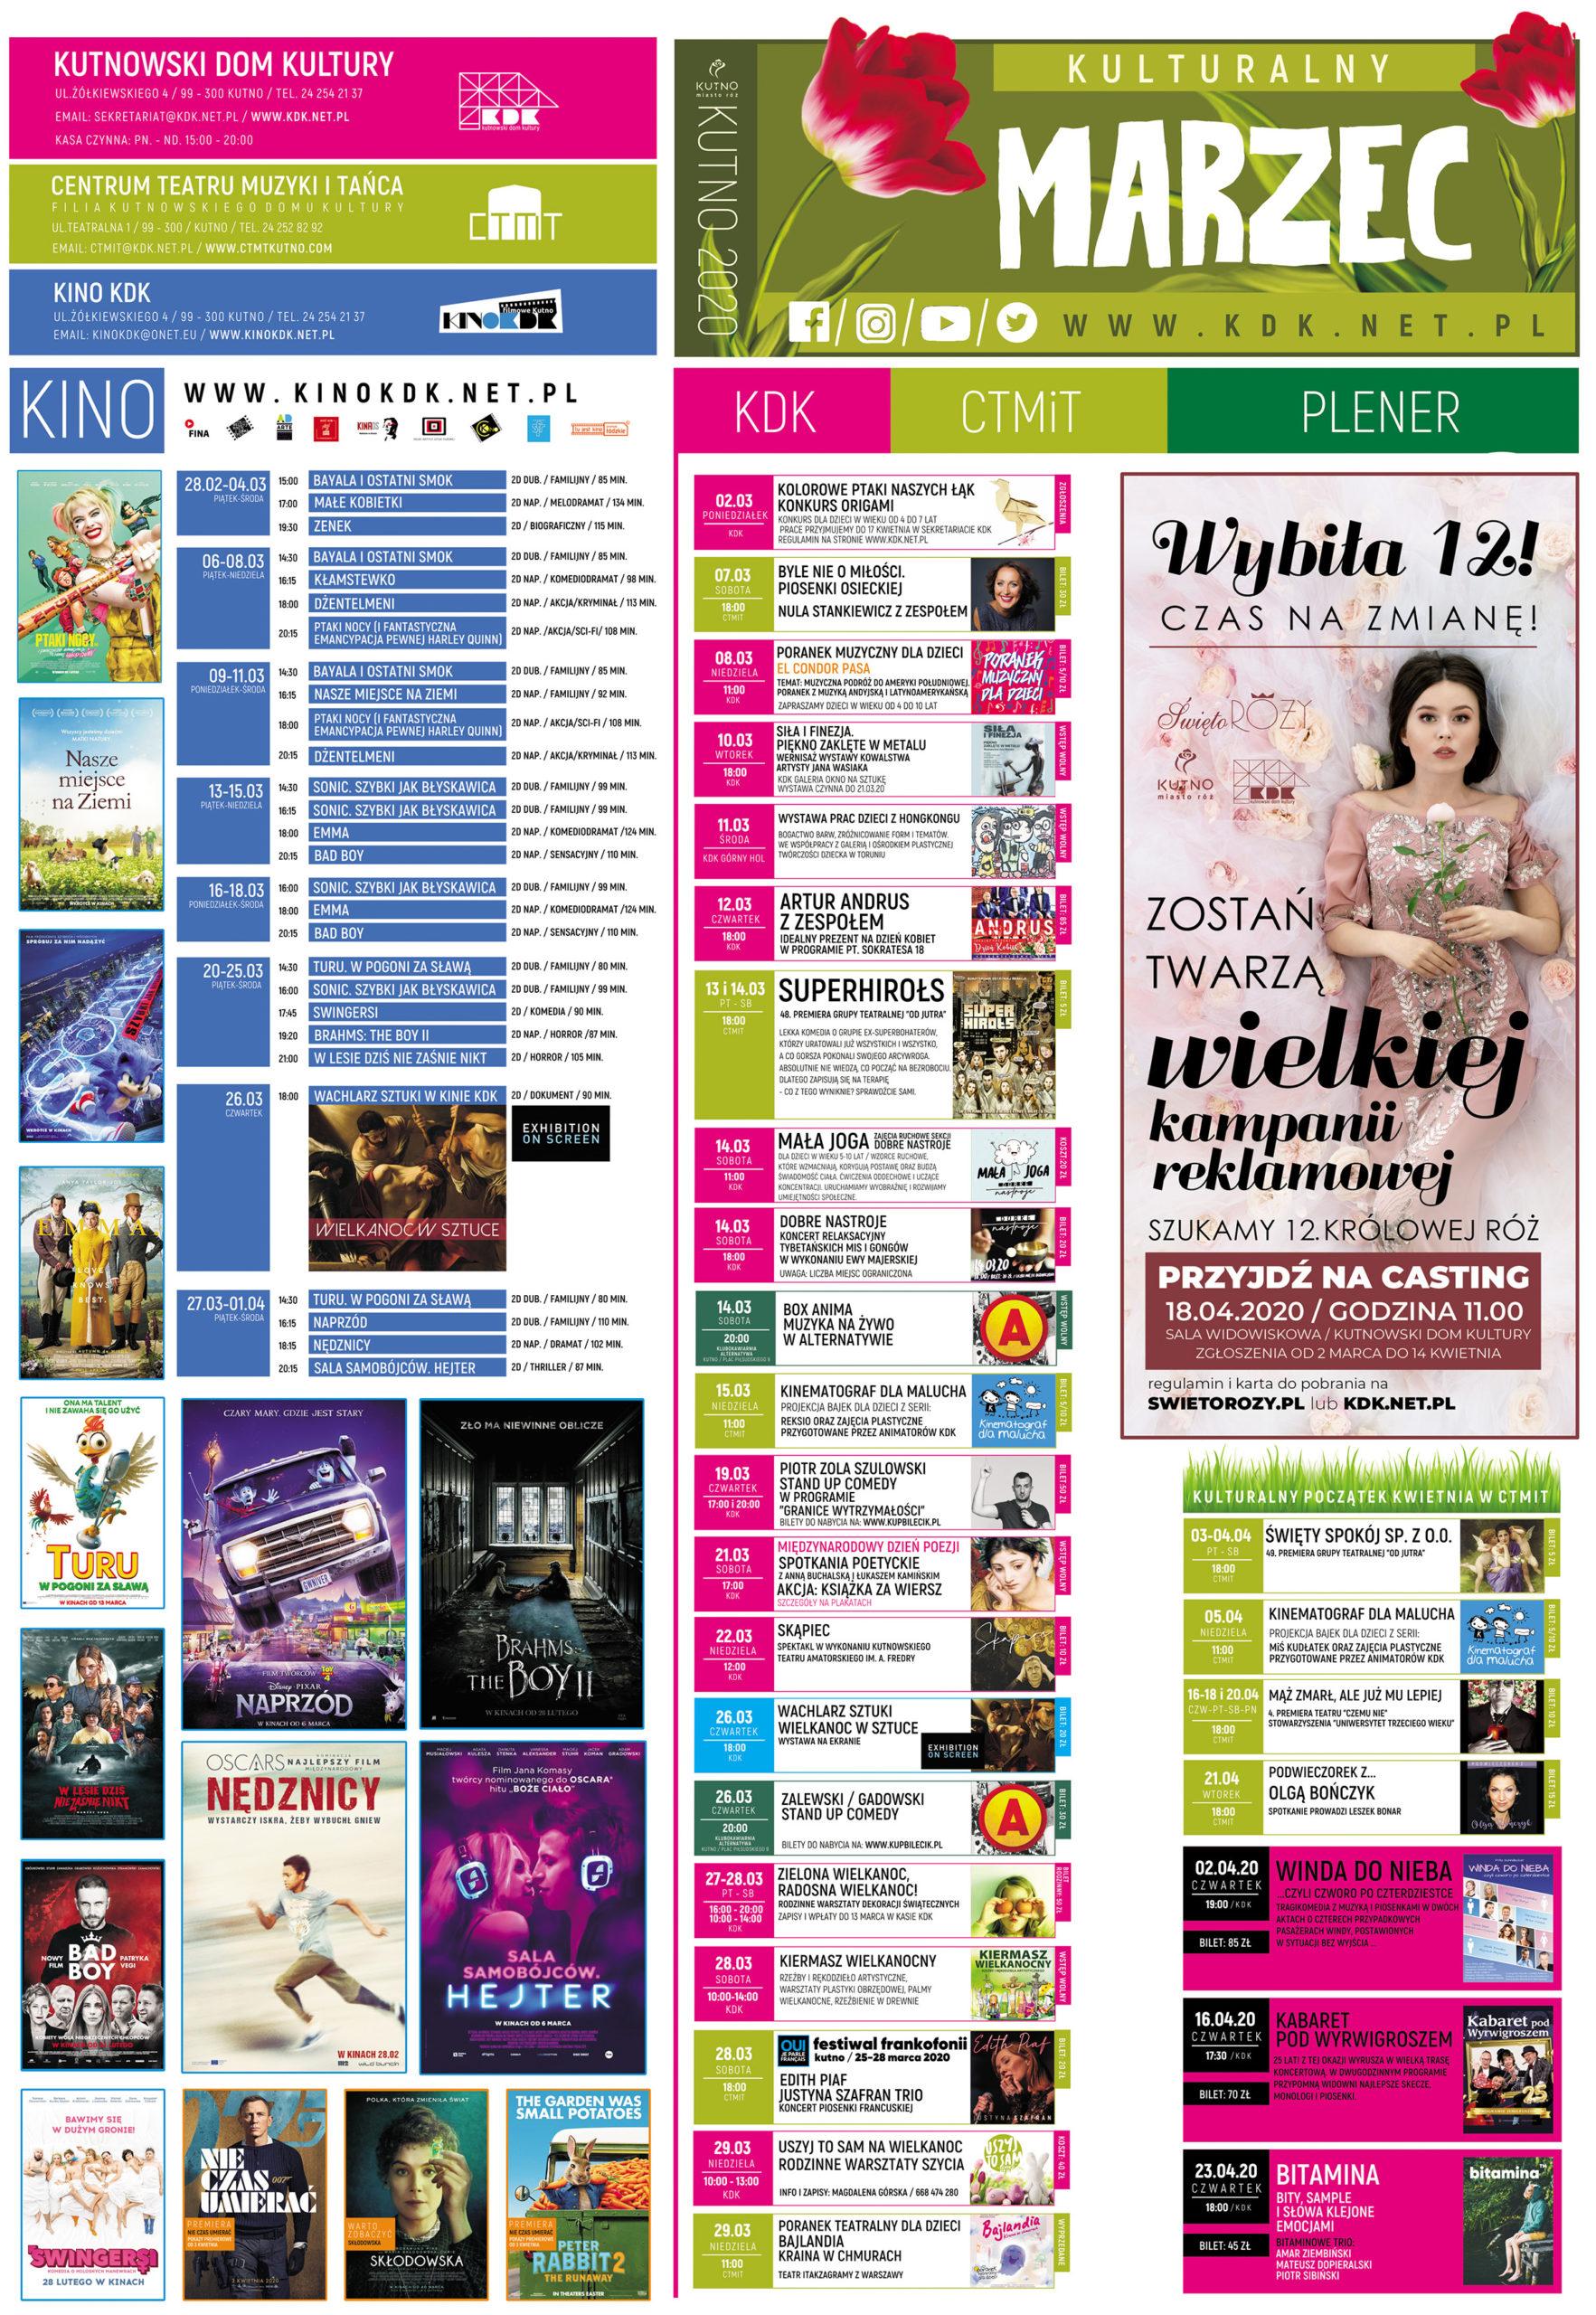 Kalendarz kulturalny KDK marzec 2020